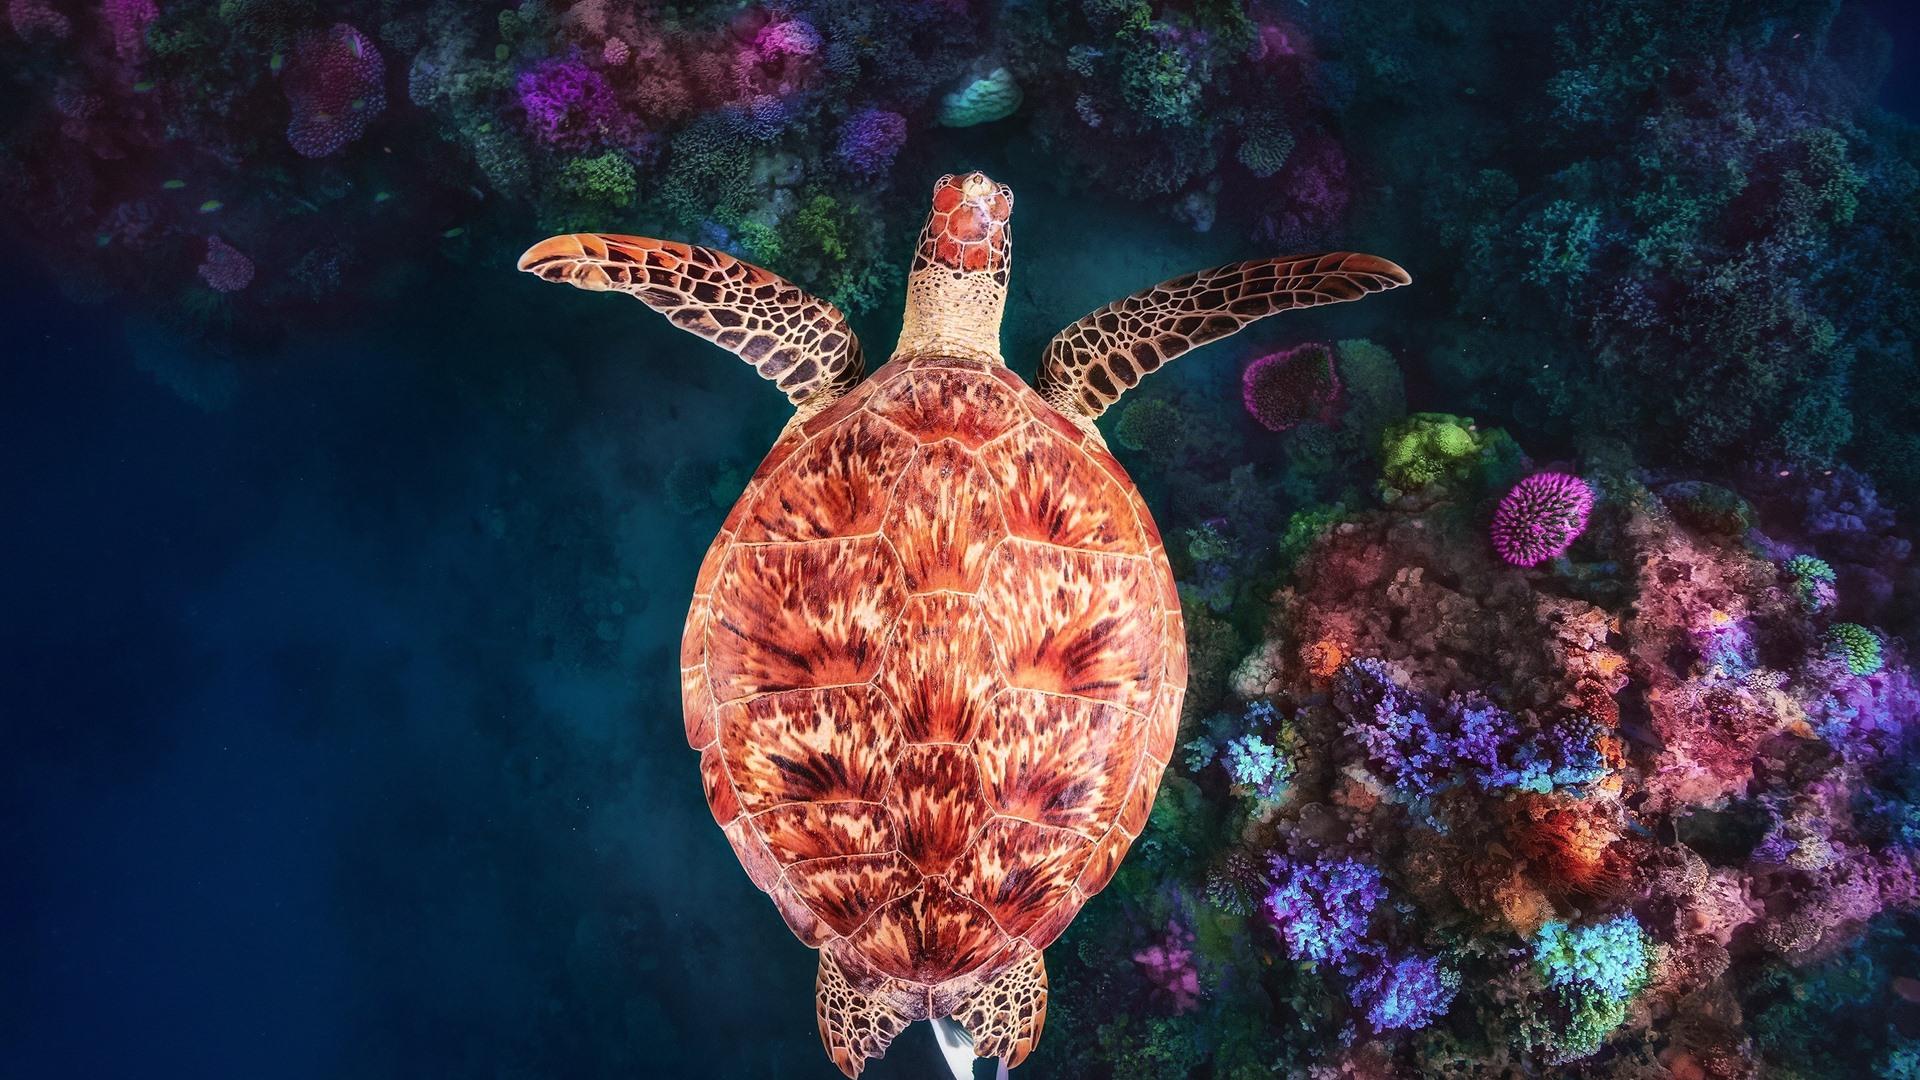 Hình nền con rùa và rặng san hô